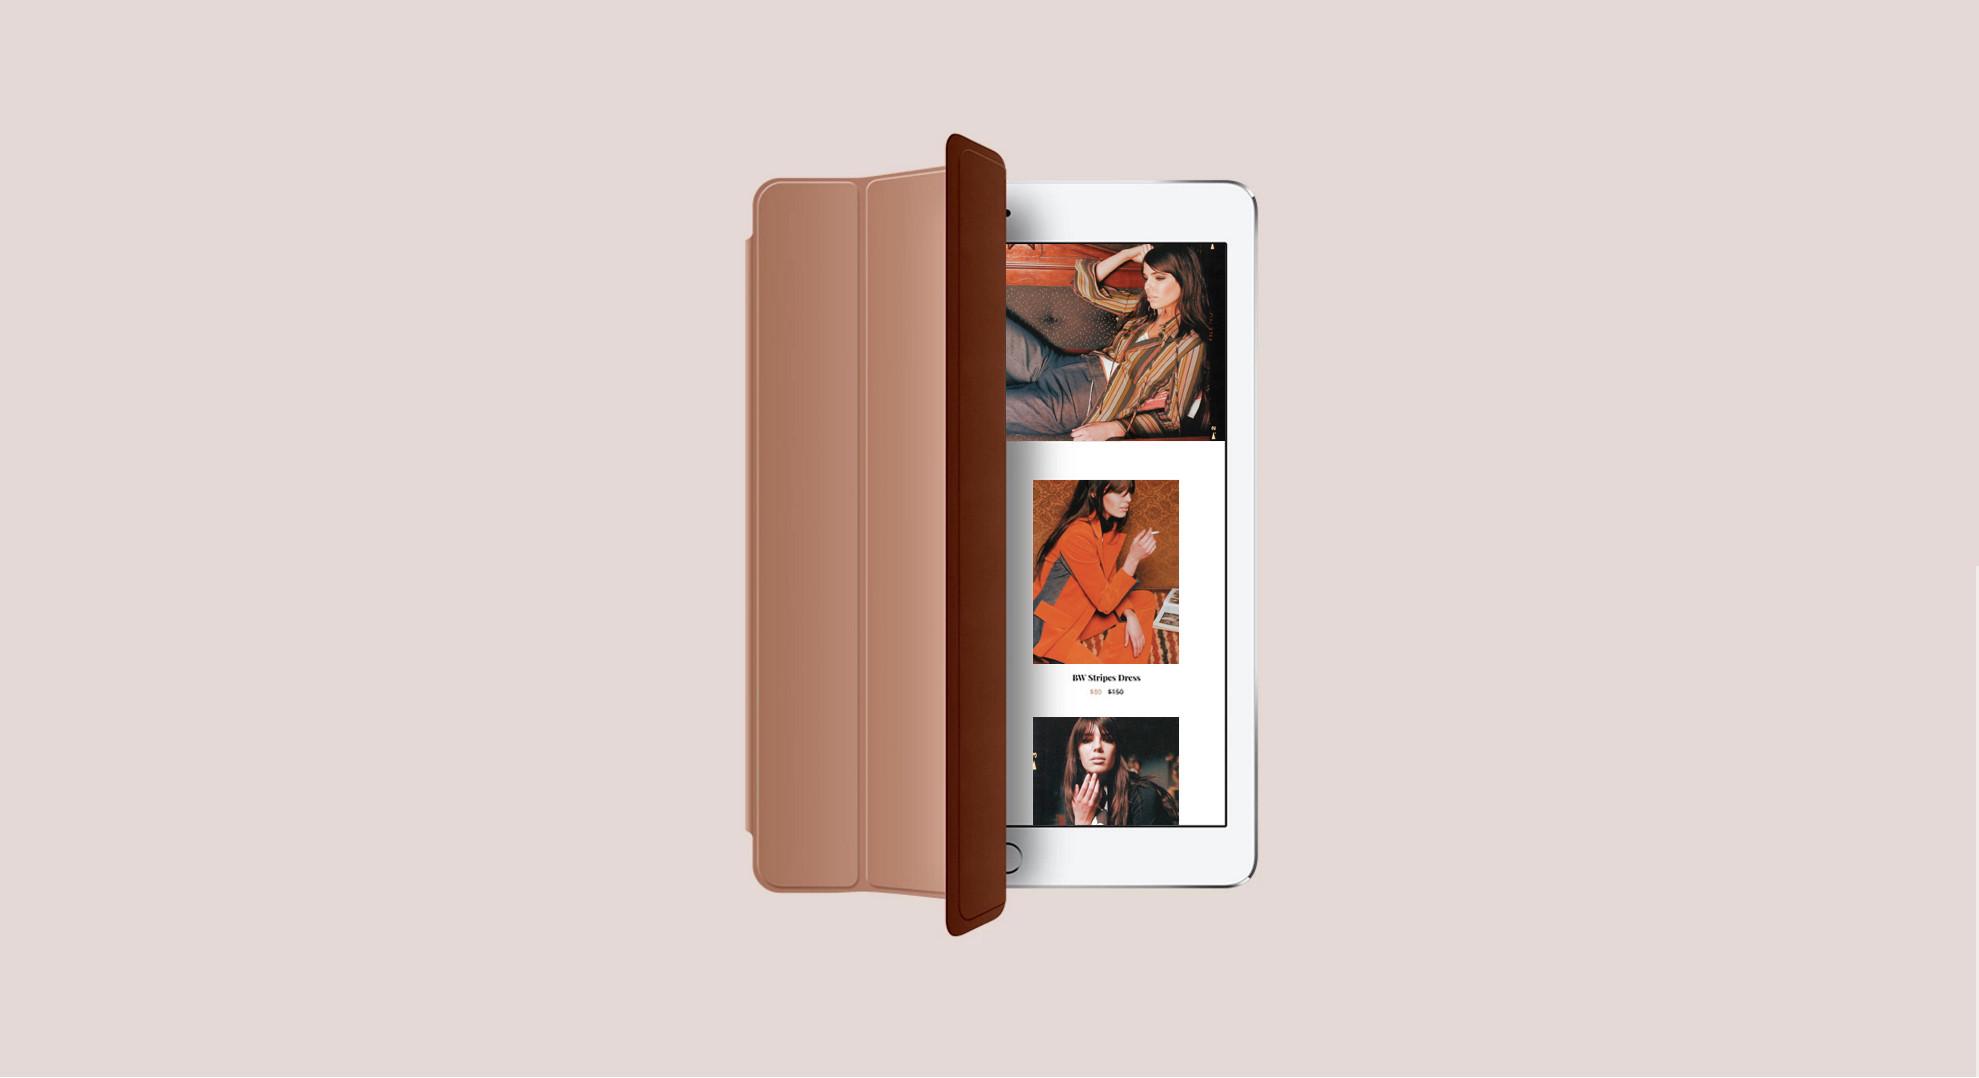 Peros_iPad.jpg